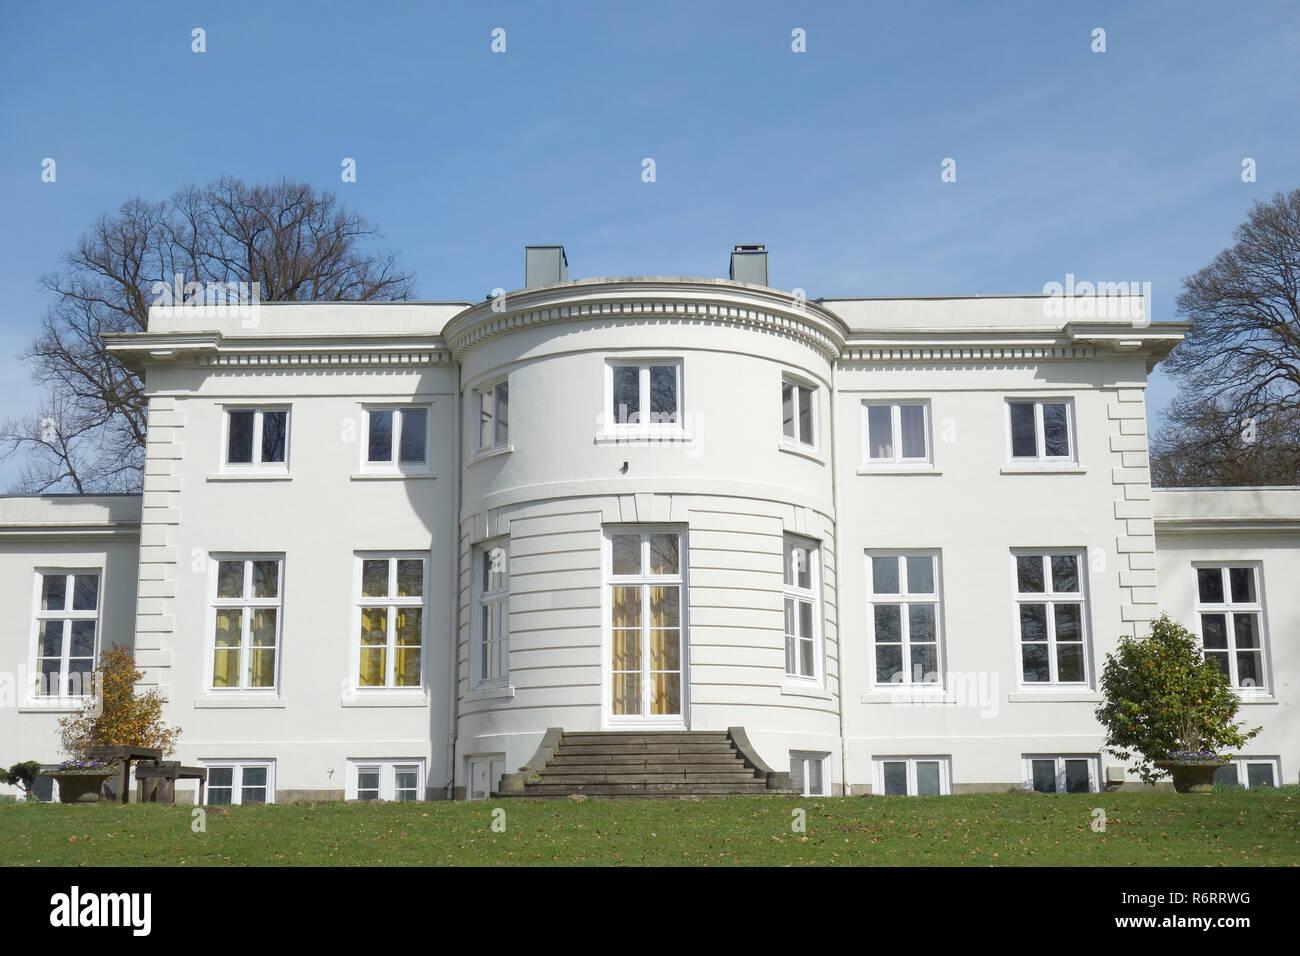 Villa j. c. godeffroy in Hamburg nienstedten Foto Stock